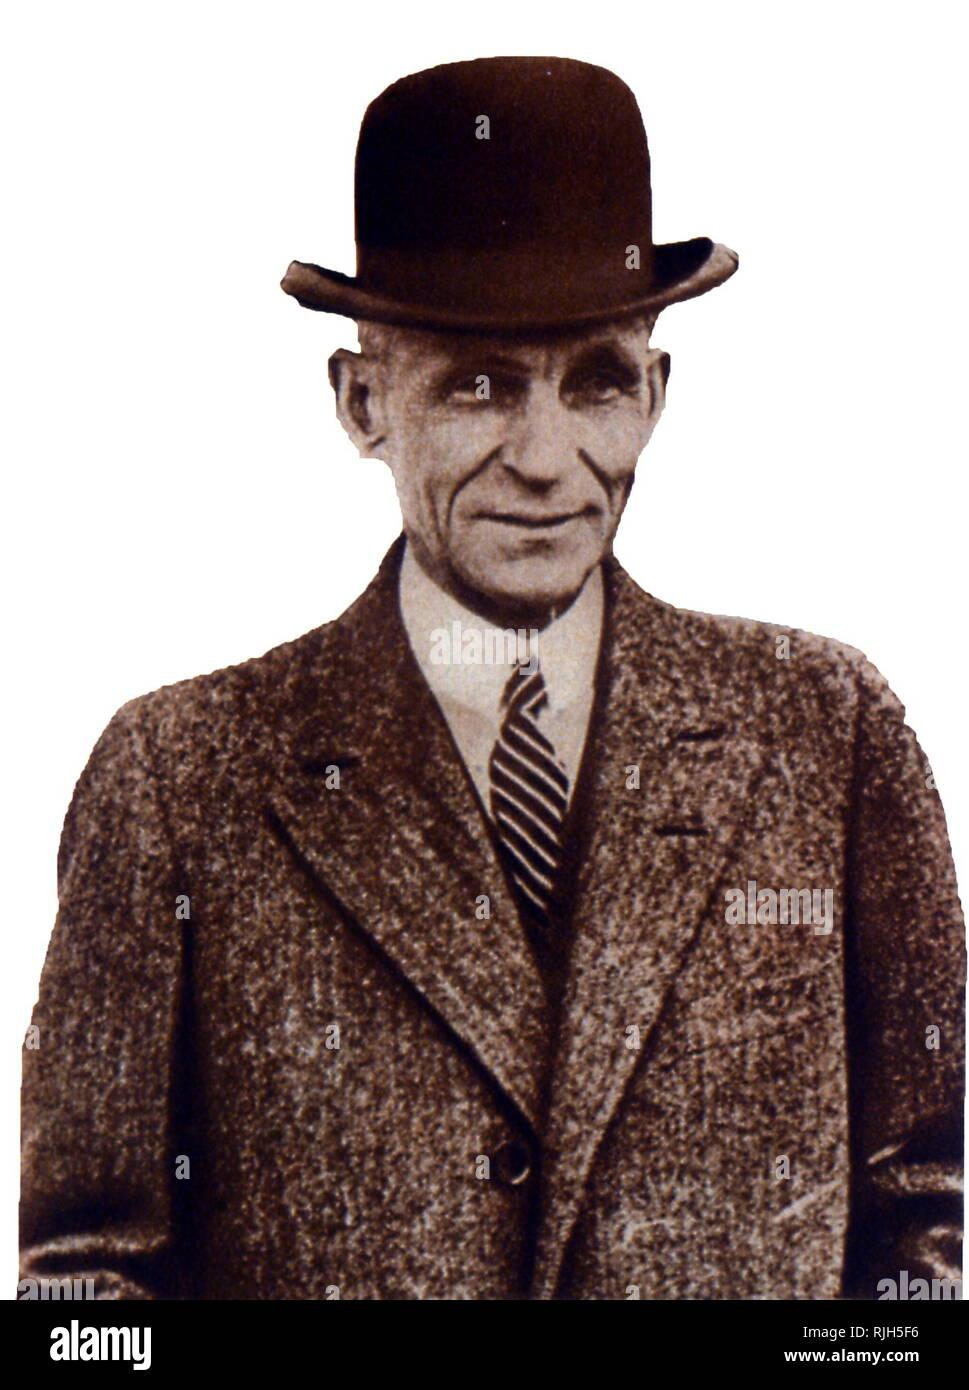 Henry Ford (Juli 30, 1863 - April 7, 1947) war ein US-amerikanischer Kapitän der Industrie und einem Großindustriellen, der Gründer der Ford Motor Company und dem Sponsor für die Entwicklung der Montagelinie Technik für die Massenproduktion. Stockbild